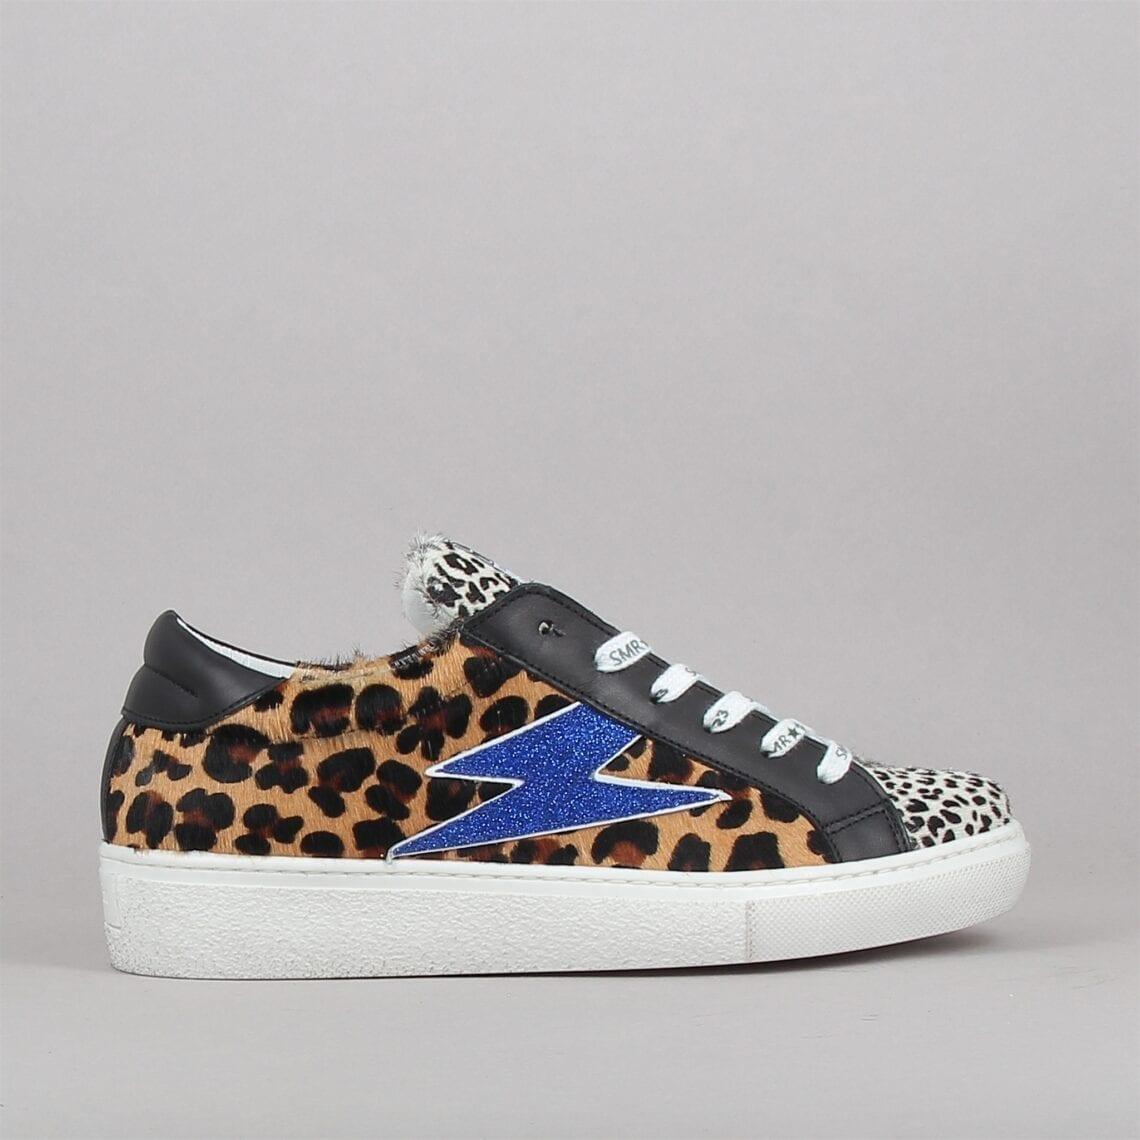 Baskets mode femme léopard éclair bleu électrique paillettes marque Semerdjian